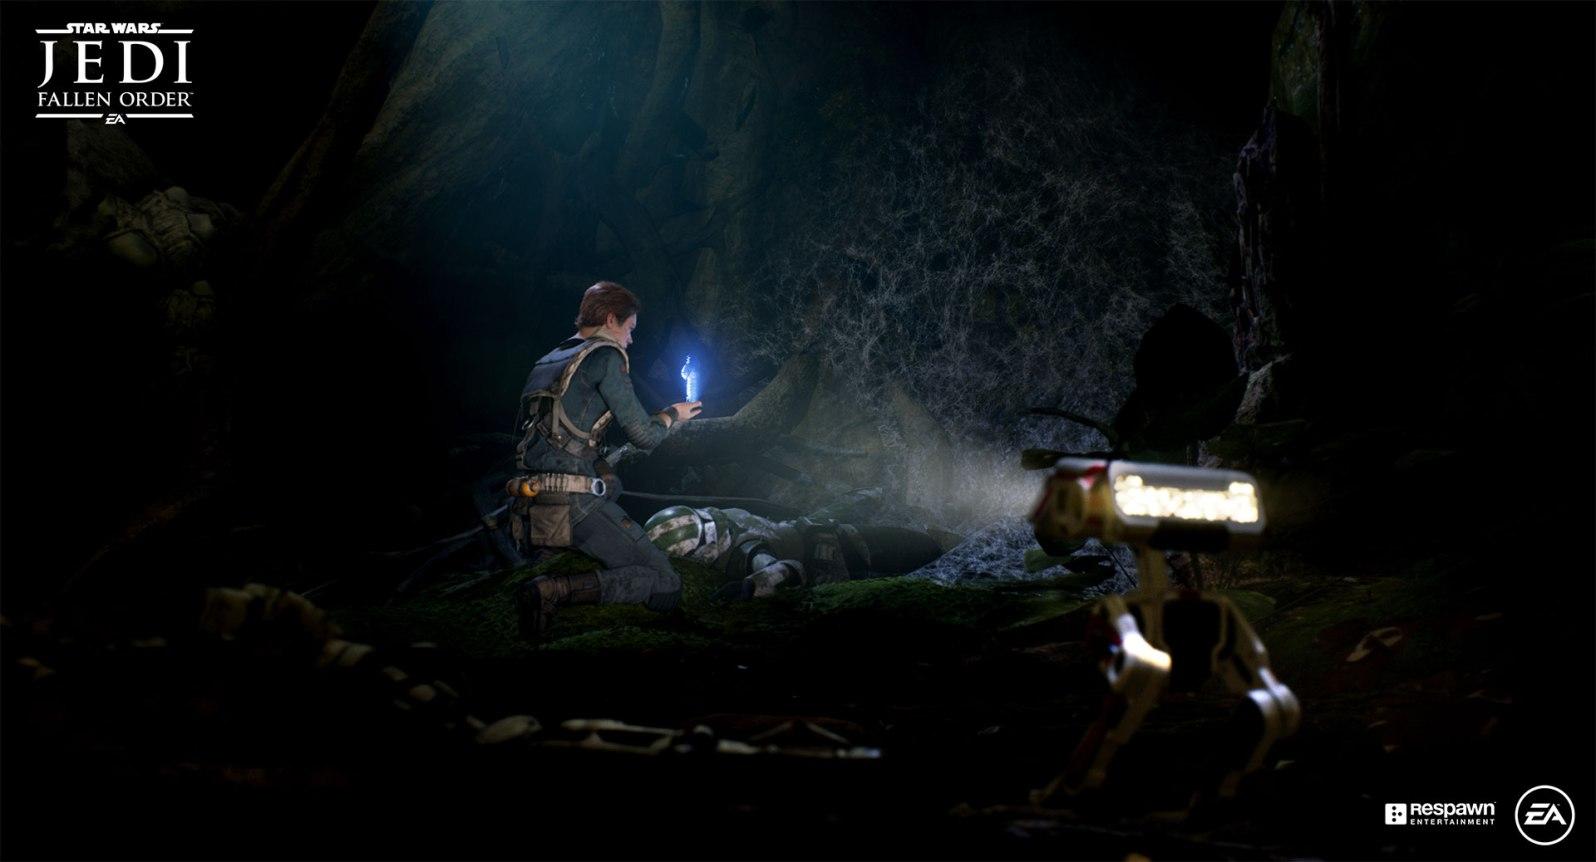 Quelle: EA - Star Wars Jedi: Fallen Order - Spurensuche via Hologramm